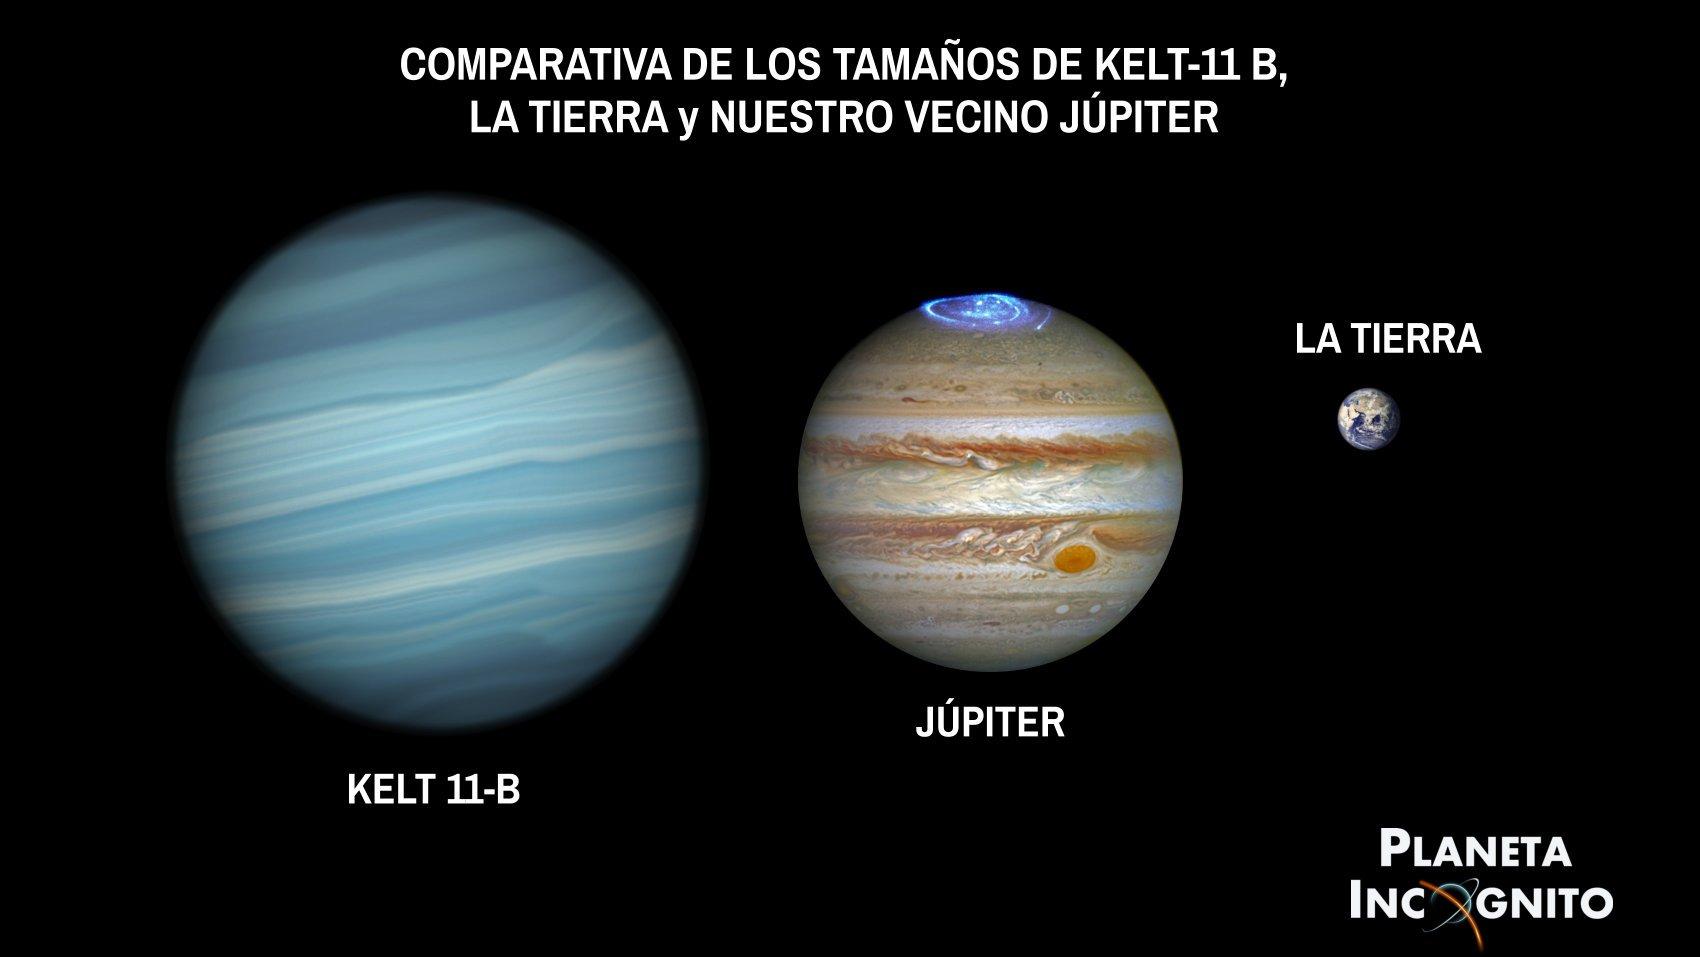 KELT-11 B. El Planeta de Poliespán ¿Una bola de espuma en el espacio? 3